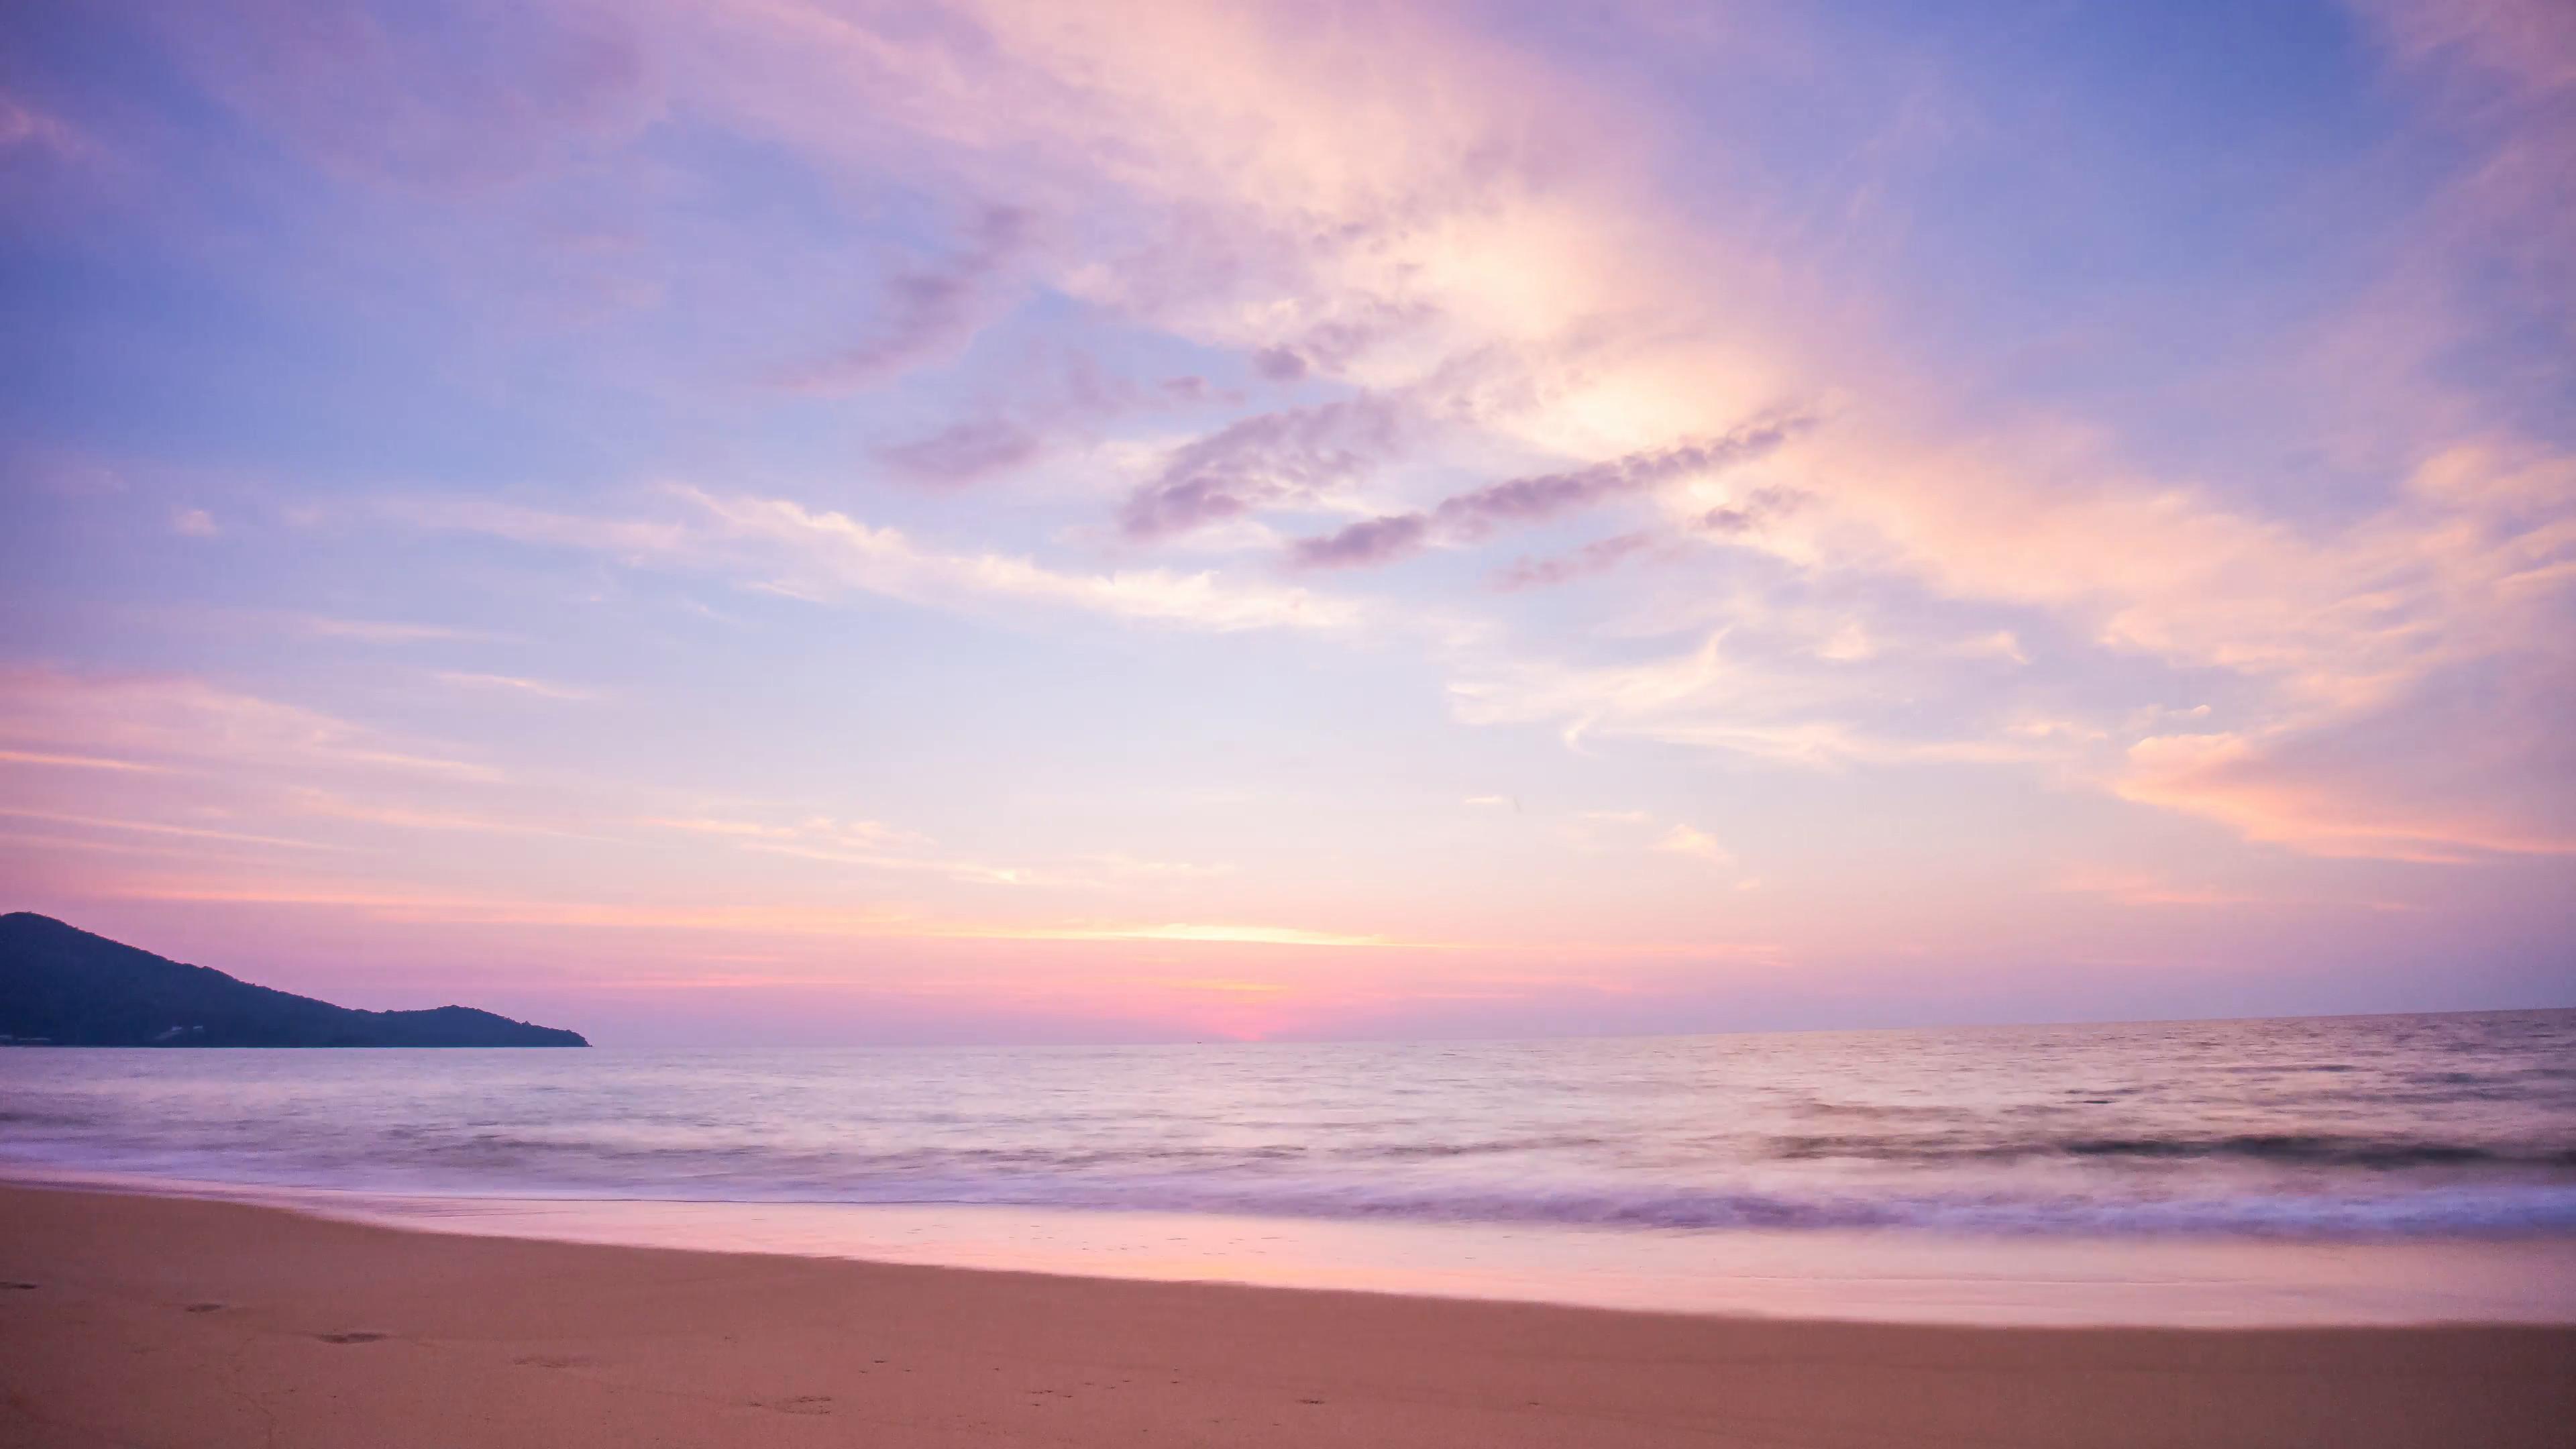 Res: 3840x2160, beach sunset wallpaper hd photo - 1